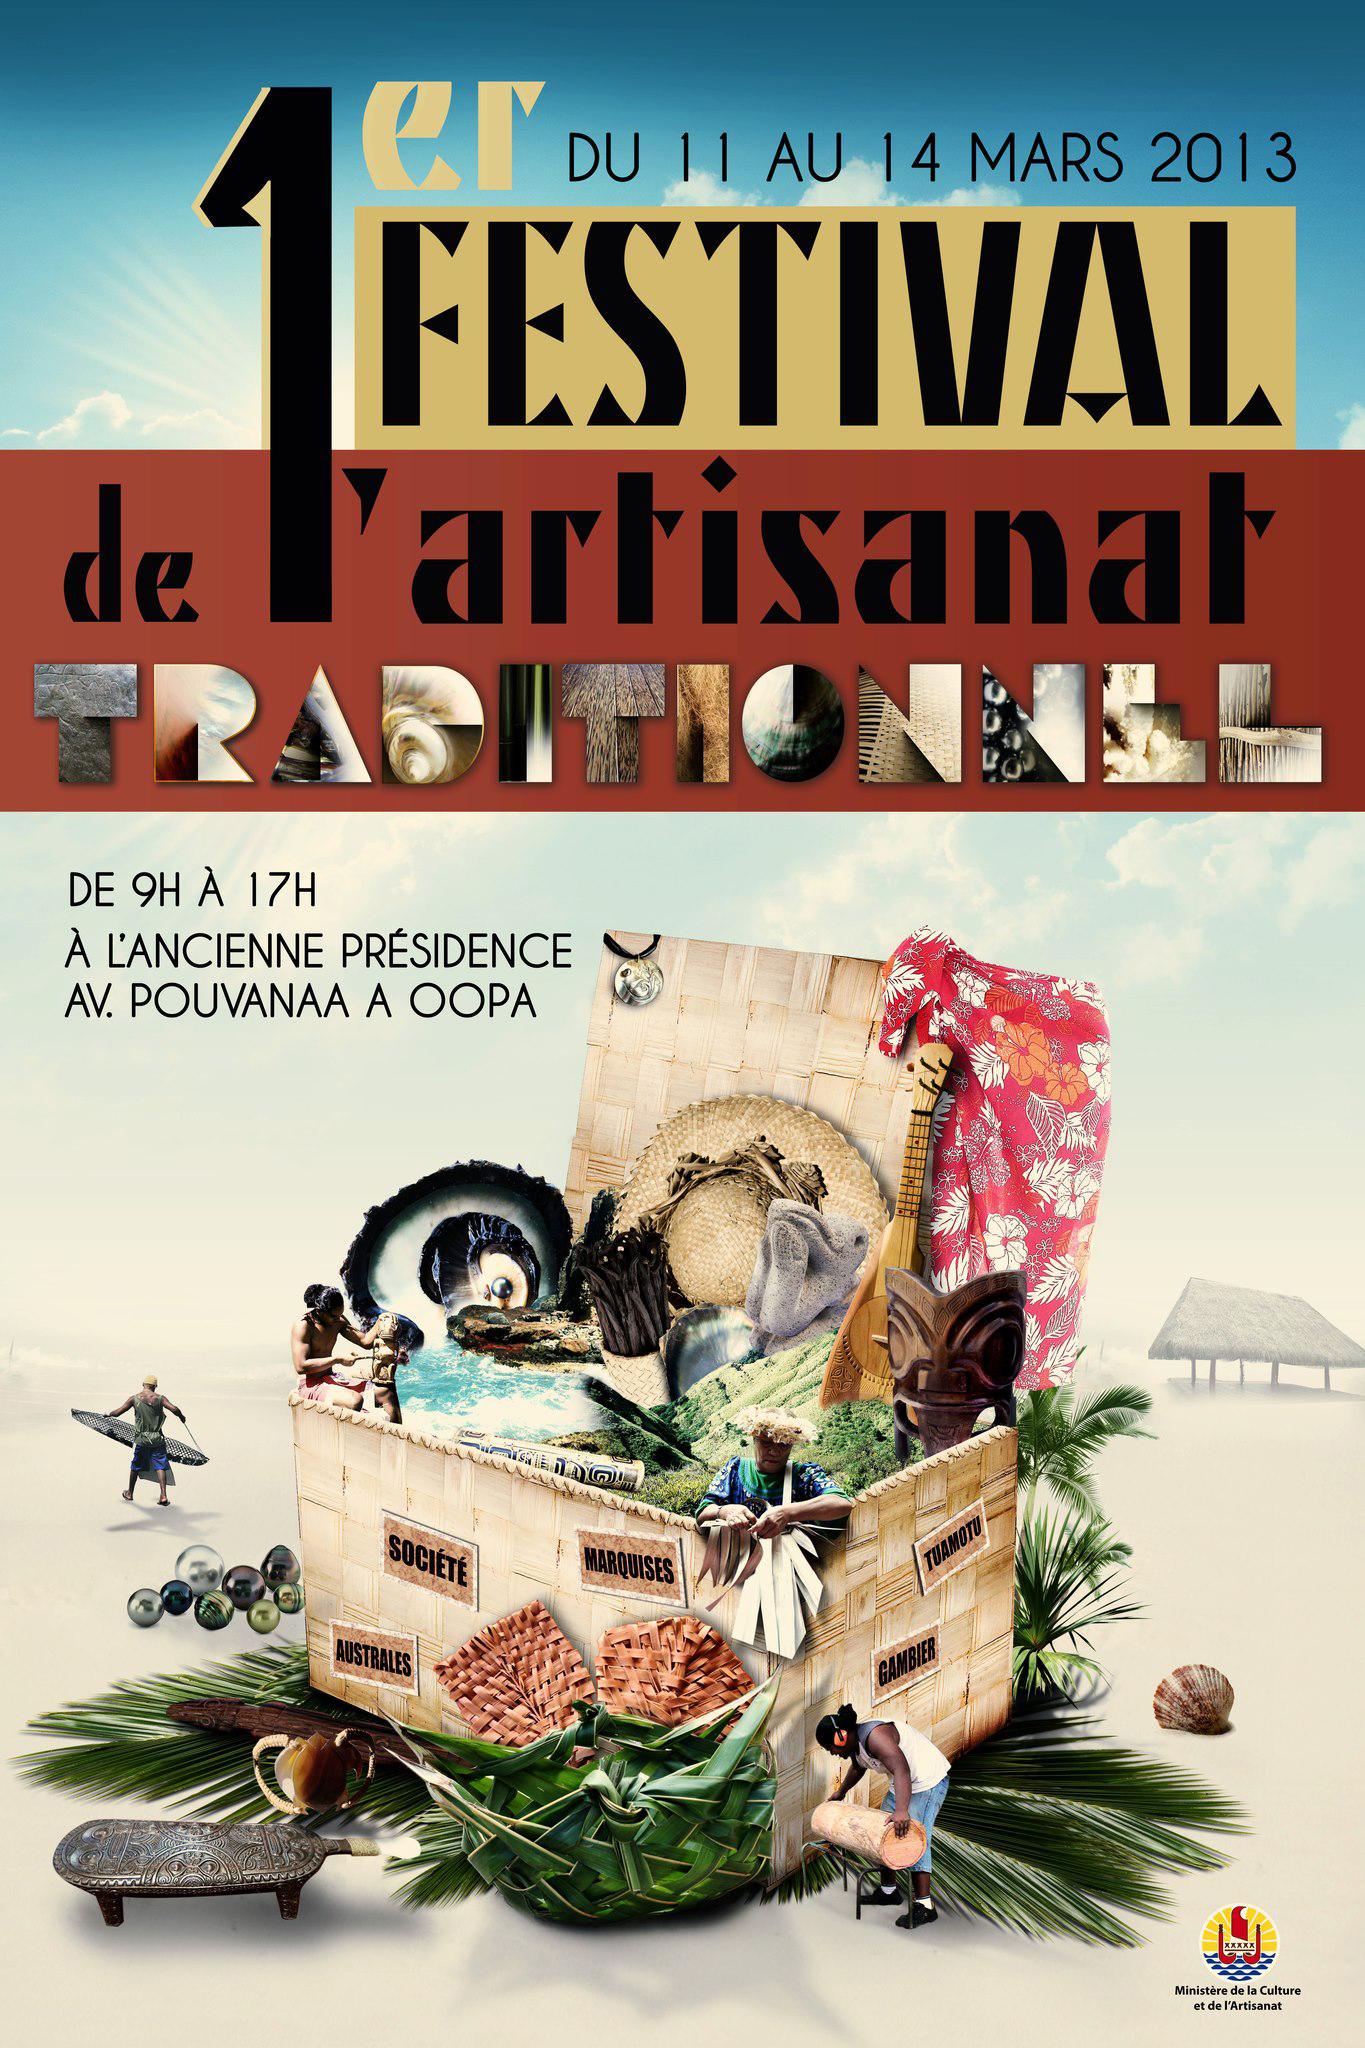 1er Festival de l'Artisanat